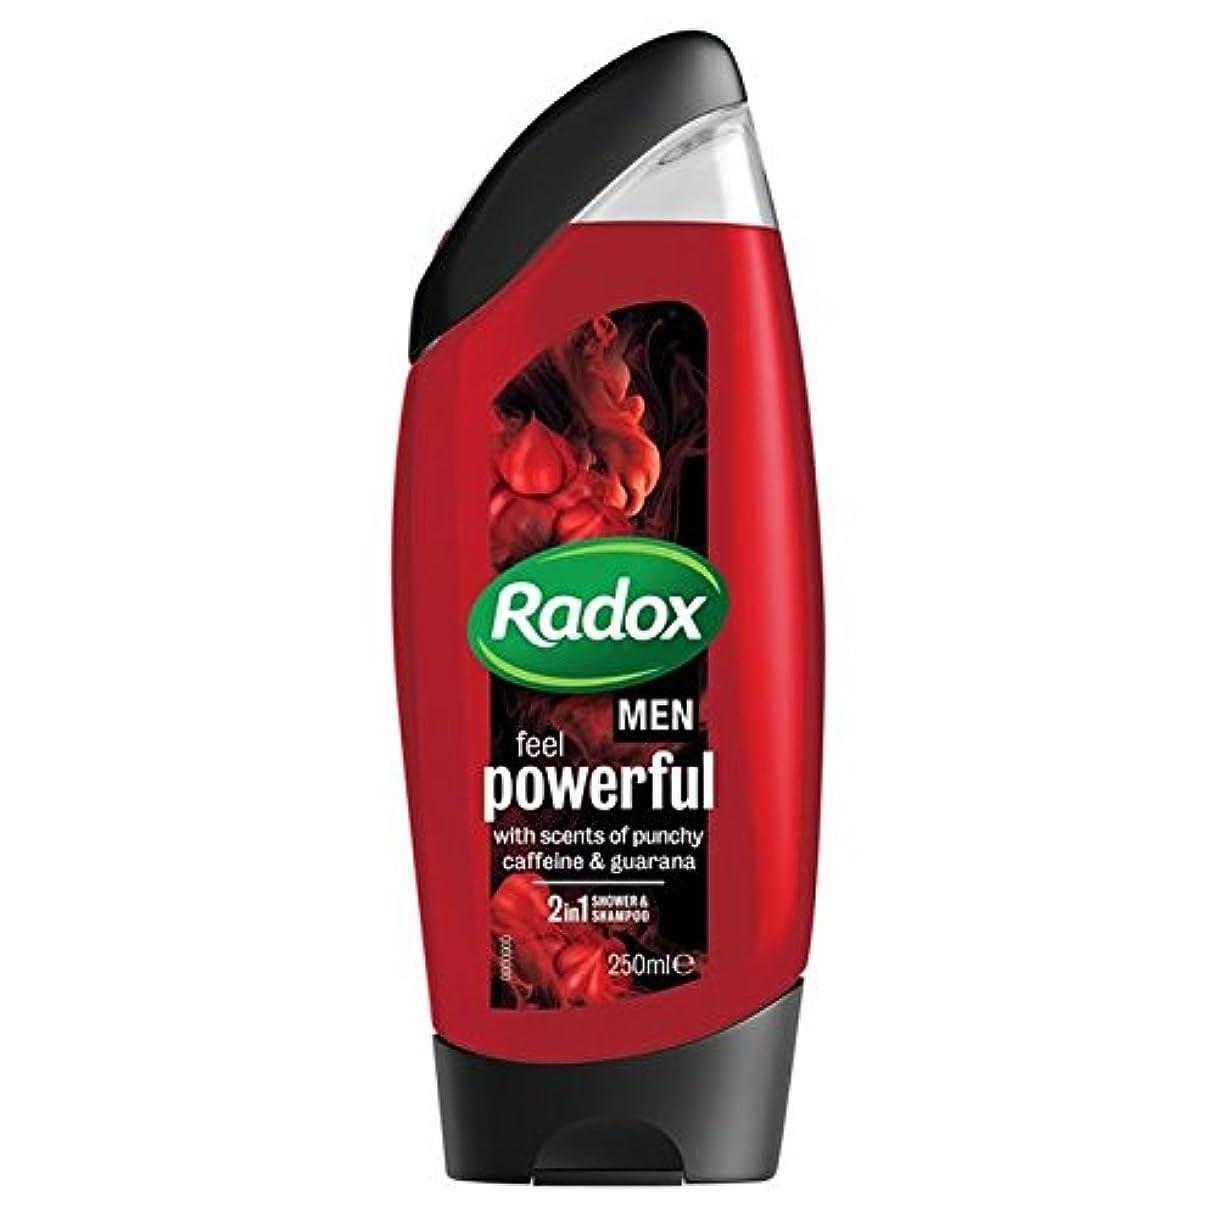 散歩に行くポスター値Radox for Men Feel Powerful Shower Gel 250ml - 男性は、強力なシャワージェル250ミリリットルを感じるため [並行輸入品]